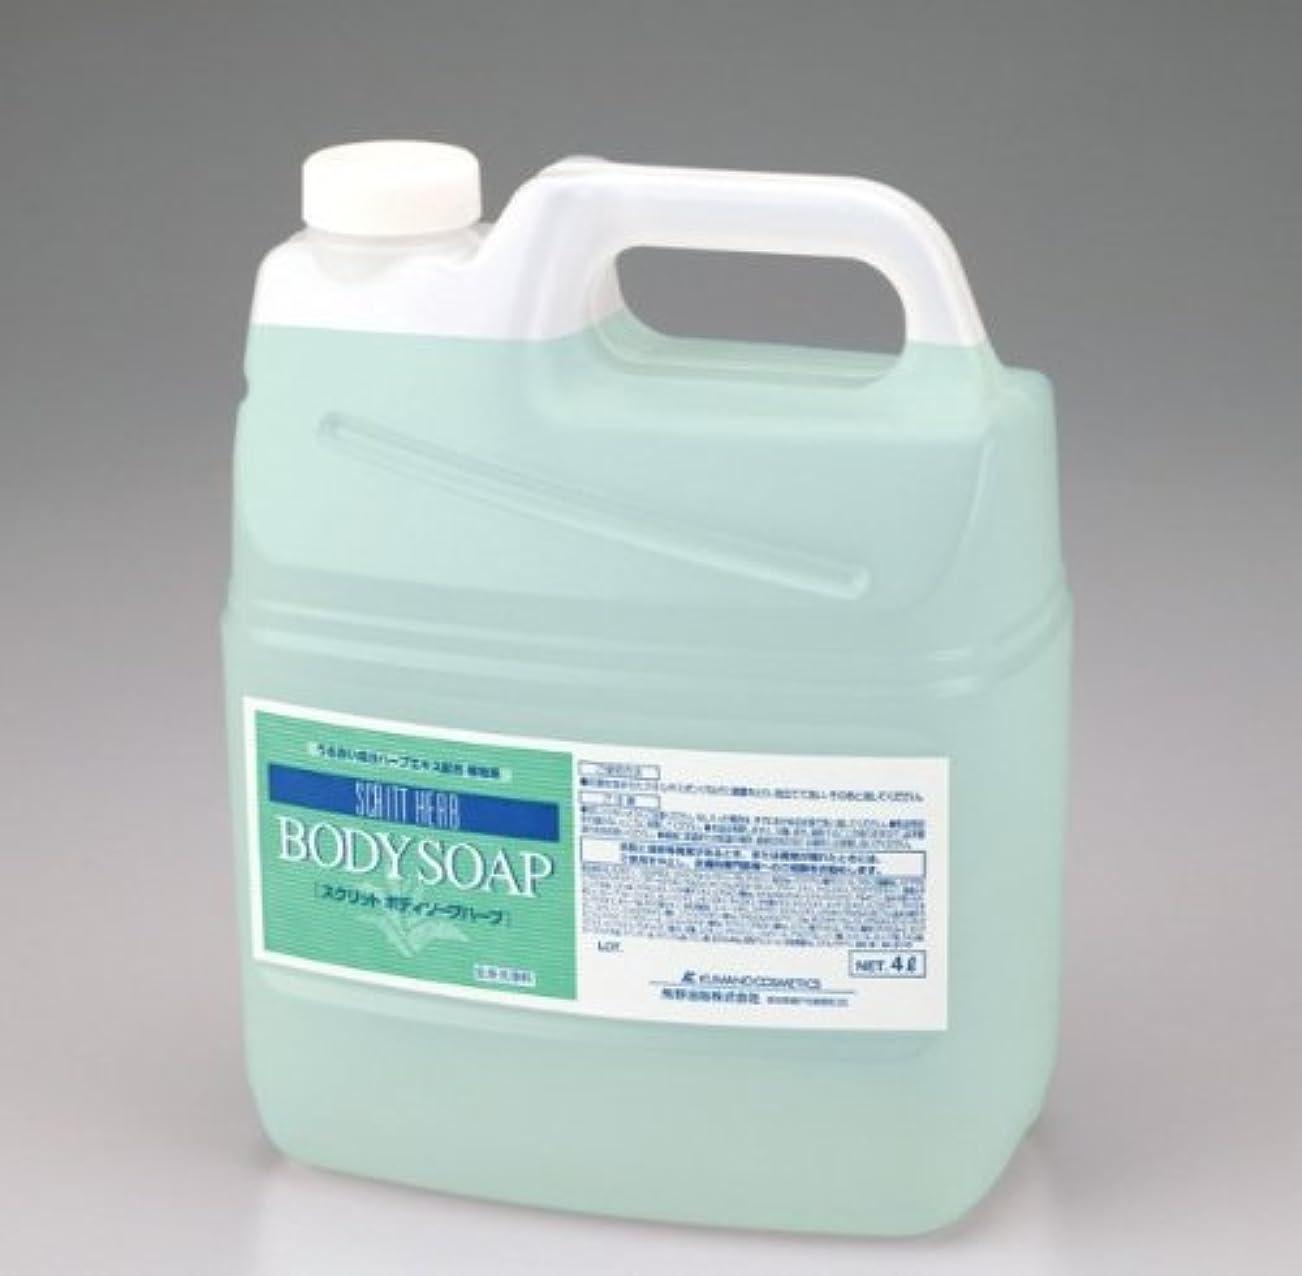 遺産シンプルさ均等に熊野油脂 業務用 SCRITT(スクリット) ボディソープ 4L